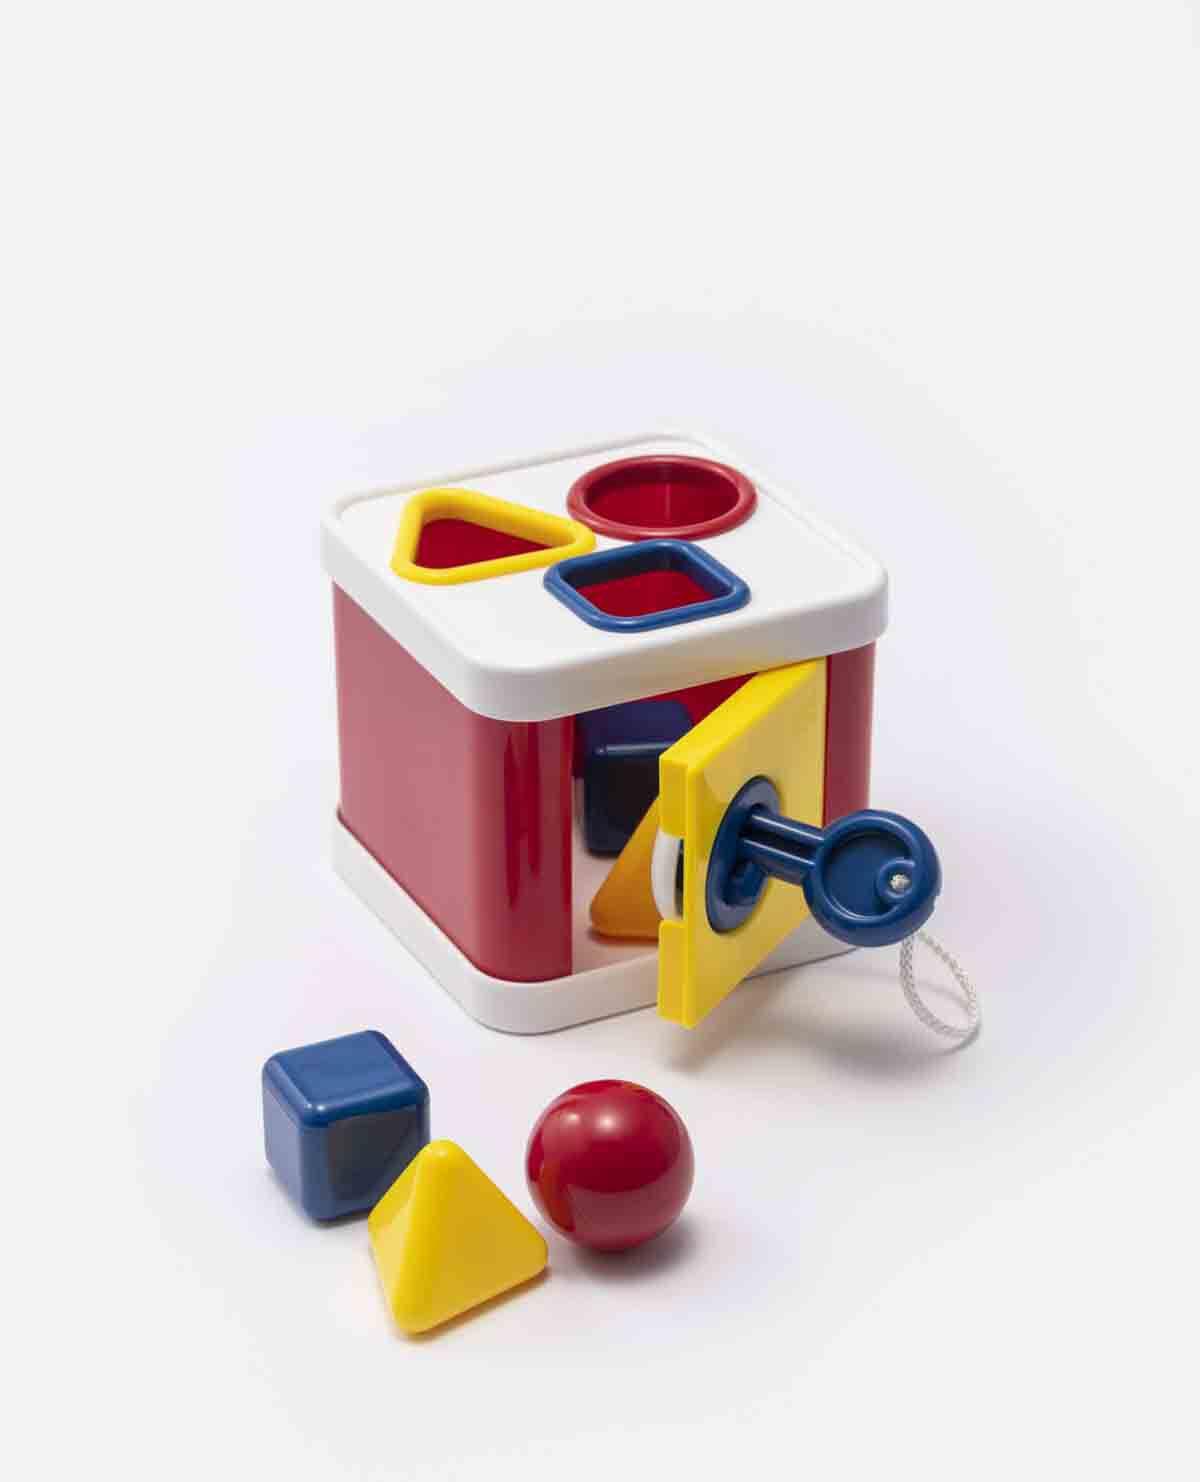 アンビトーイ ベビー ギフトセット おもちゃ